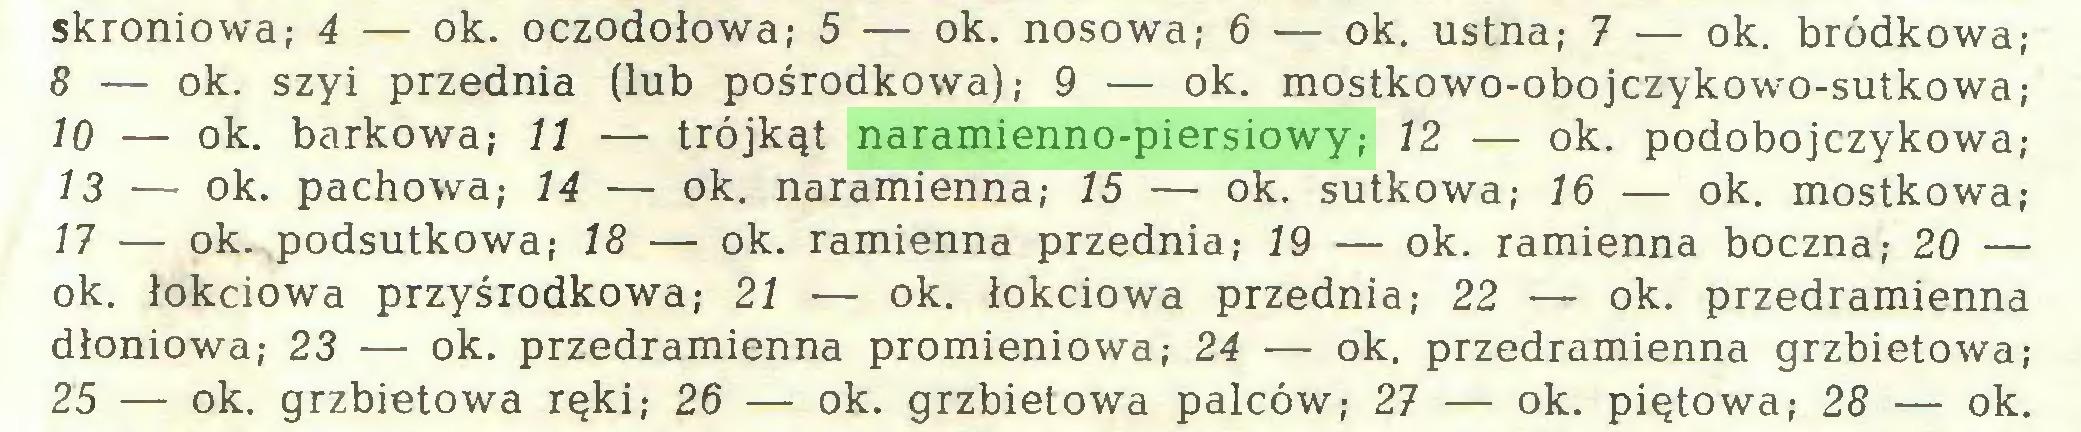 (...) skroniowa; 4 — ok. oczodołowa; 5 — ok. nosowa; 6 — ok. ustna; 7 — ok. bródkowa; 8 — ok. szyi przednia (lub pośrodkowa); 9 — ok. mostkowo-obojczykowo-sutkowa; 10 — ok. barkowa; 11 — trójkąt naramienno-piersiowy; 12 — ok. podobojczykowa; 13 — ok. pachowa; 14 — ok. naramienna; 15 — ok. sutkowa; 16 — ok. mostkowa; 17 — ok. podsutkowa; 18 — ok. ramienna przednia; 19 — ok. ramienna boczna; 20 — ok. łokciowa przyśrodkowa; 21 — ok. łokciowa przednia; 22 — ok. przedramienna dłoniowa; 23 — ok. przedramienna promieniowa; 24 — ok. przedramienna grzbietowa; 25 — ok. grzbietowa ręki; 26 — ok. grzbietowa palców; 27 — ok. piętowa; 28 — ok...